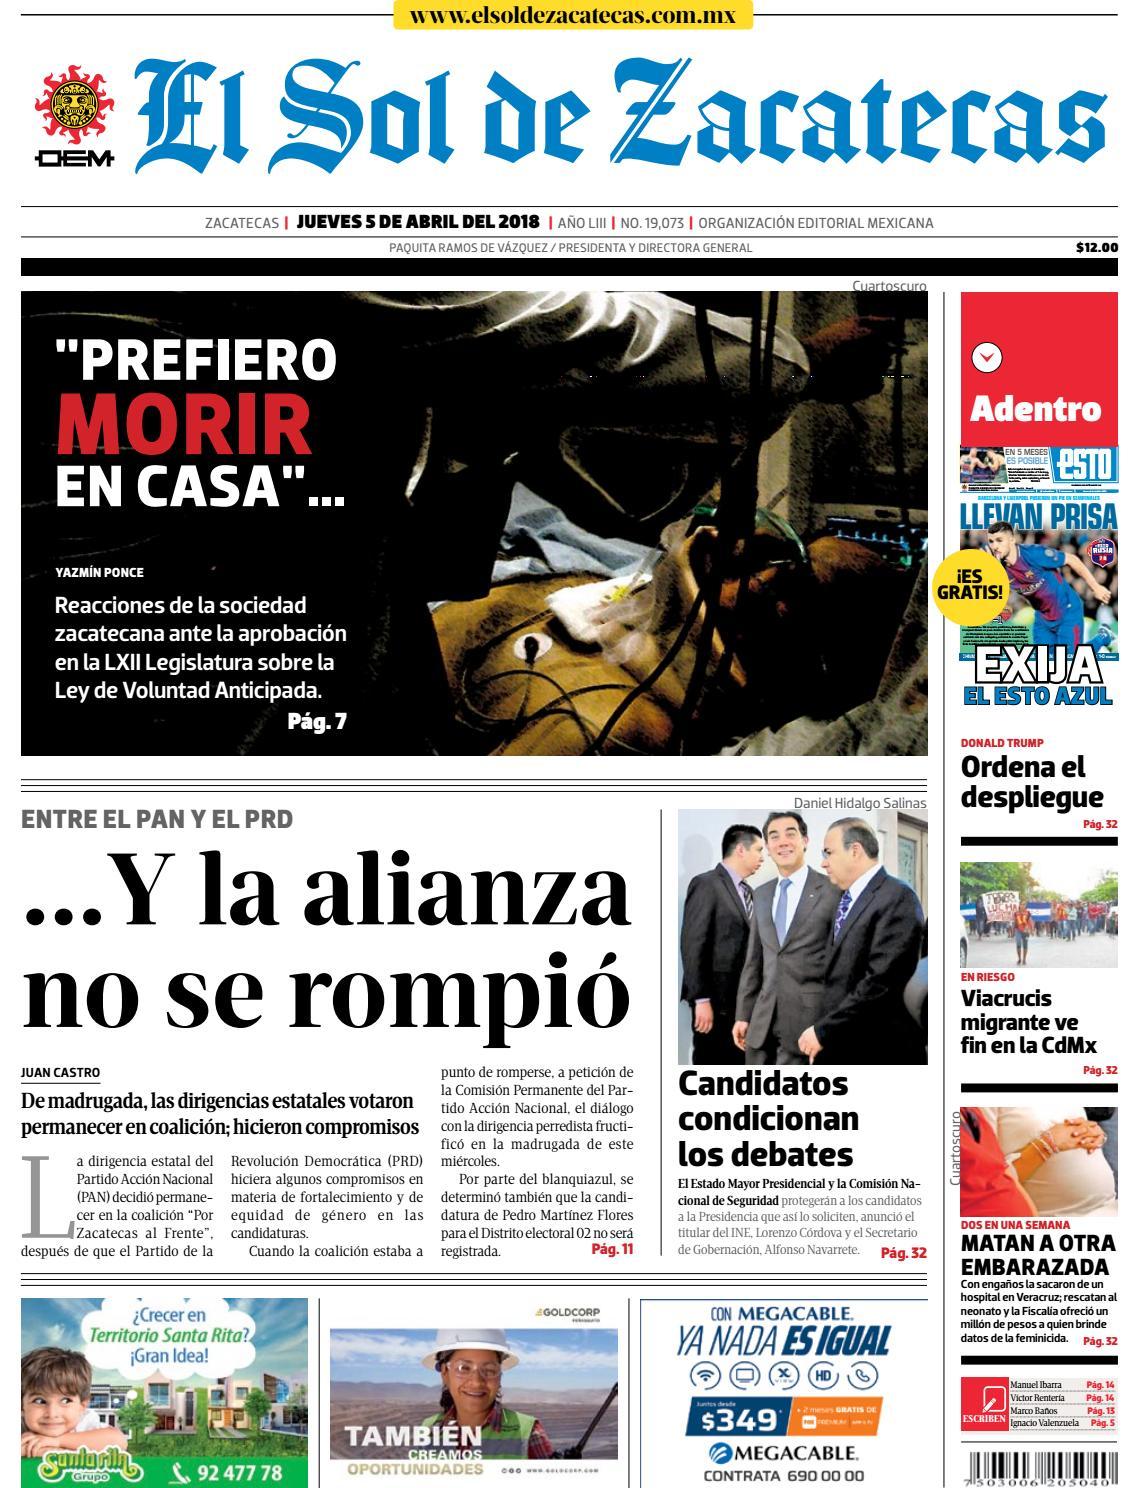 54e2fd86127 El Sol de Zacatecas 5 de abril 2018 by El Sol de Zacatecas - issuu